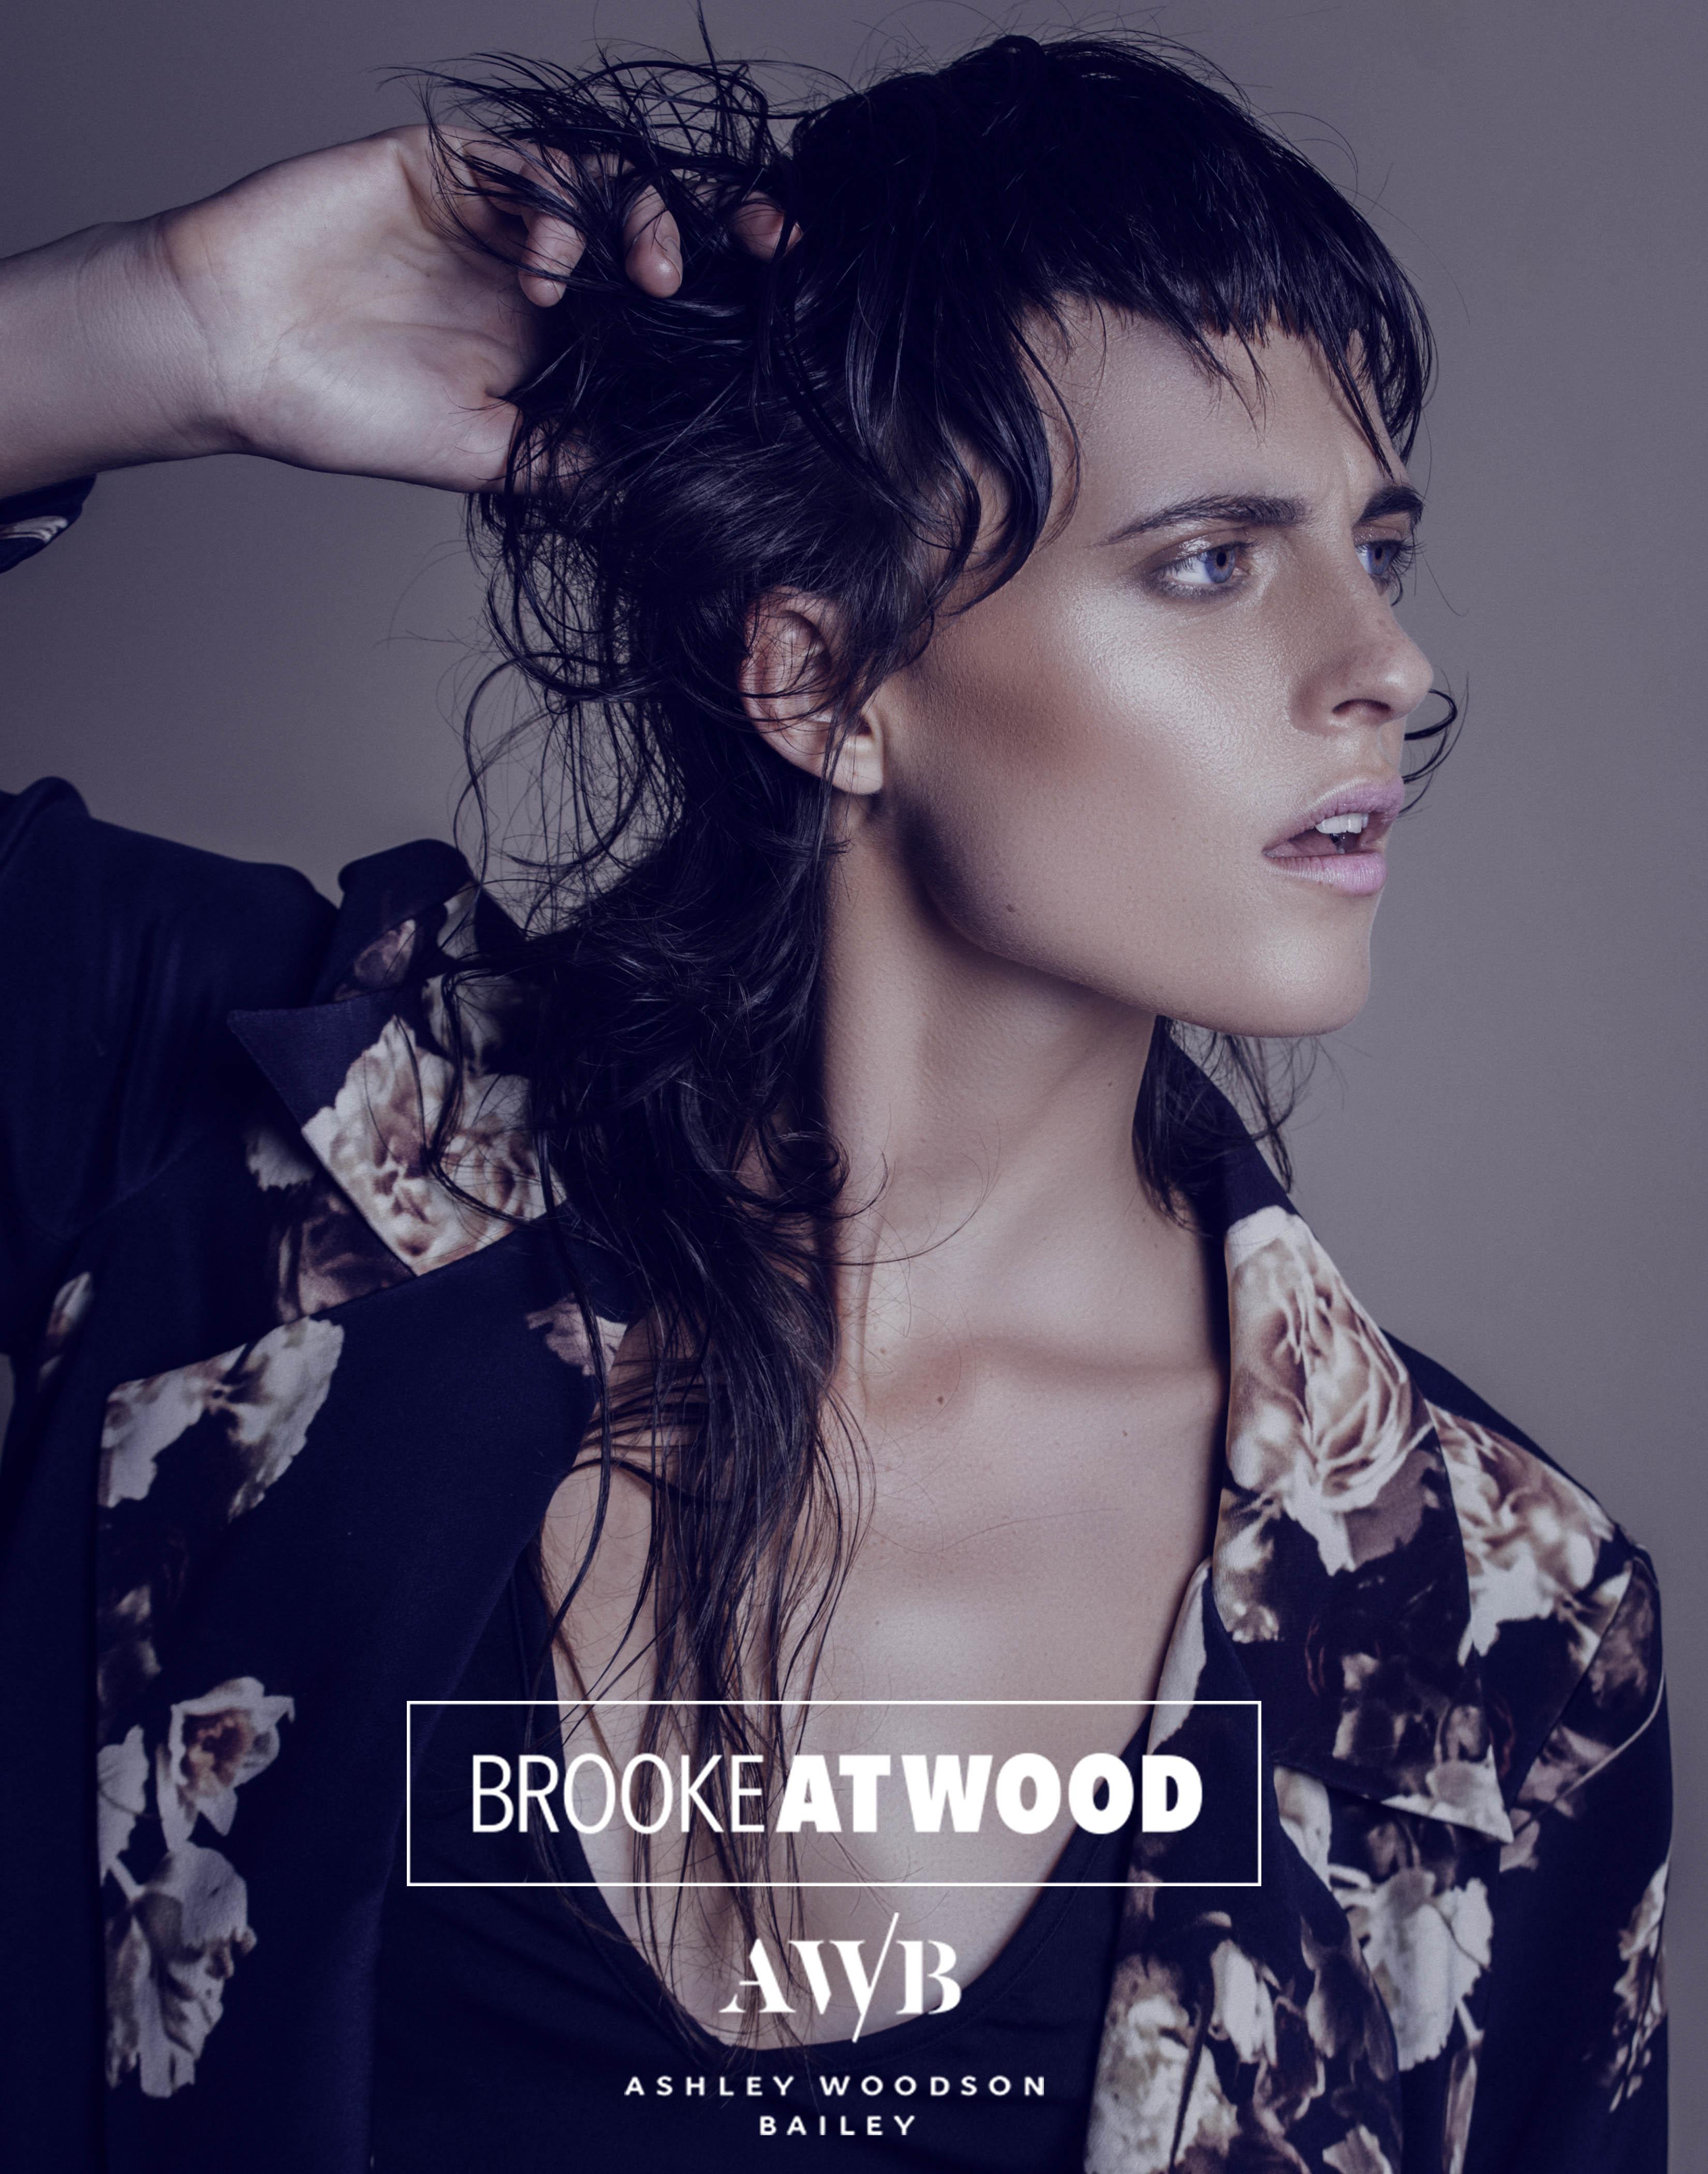 Brooke Atwood x AWB Collab